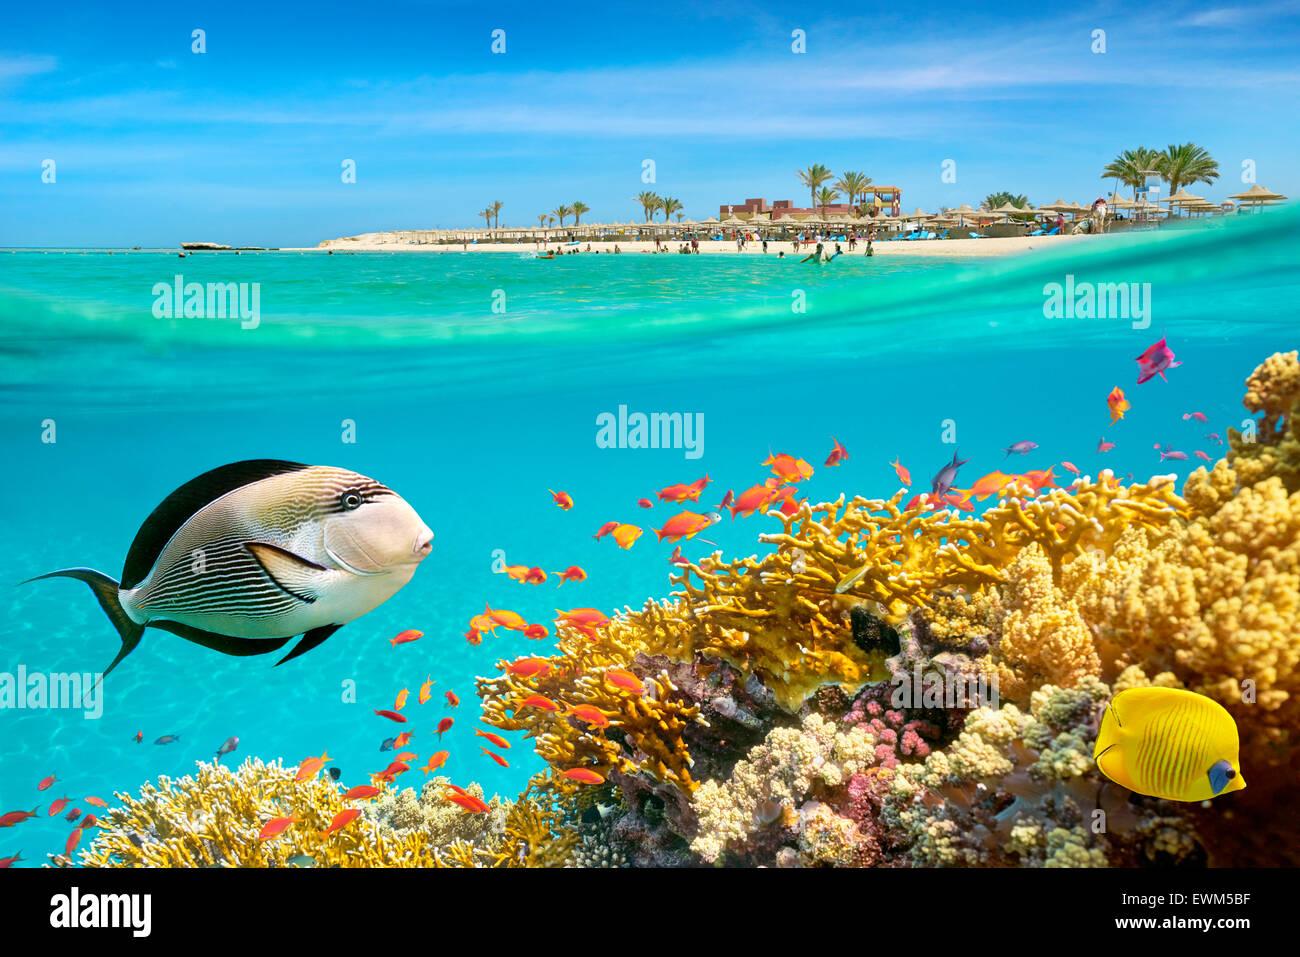 Mar Rosso, Egitto - vista subacquea a pesci e barriera corallina, Marsa Alam Immagini Stock